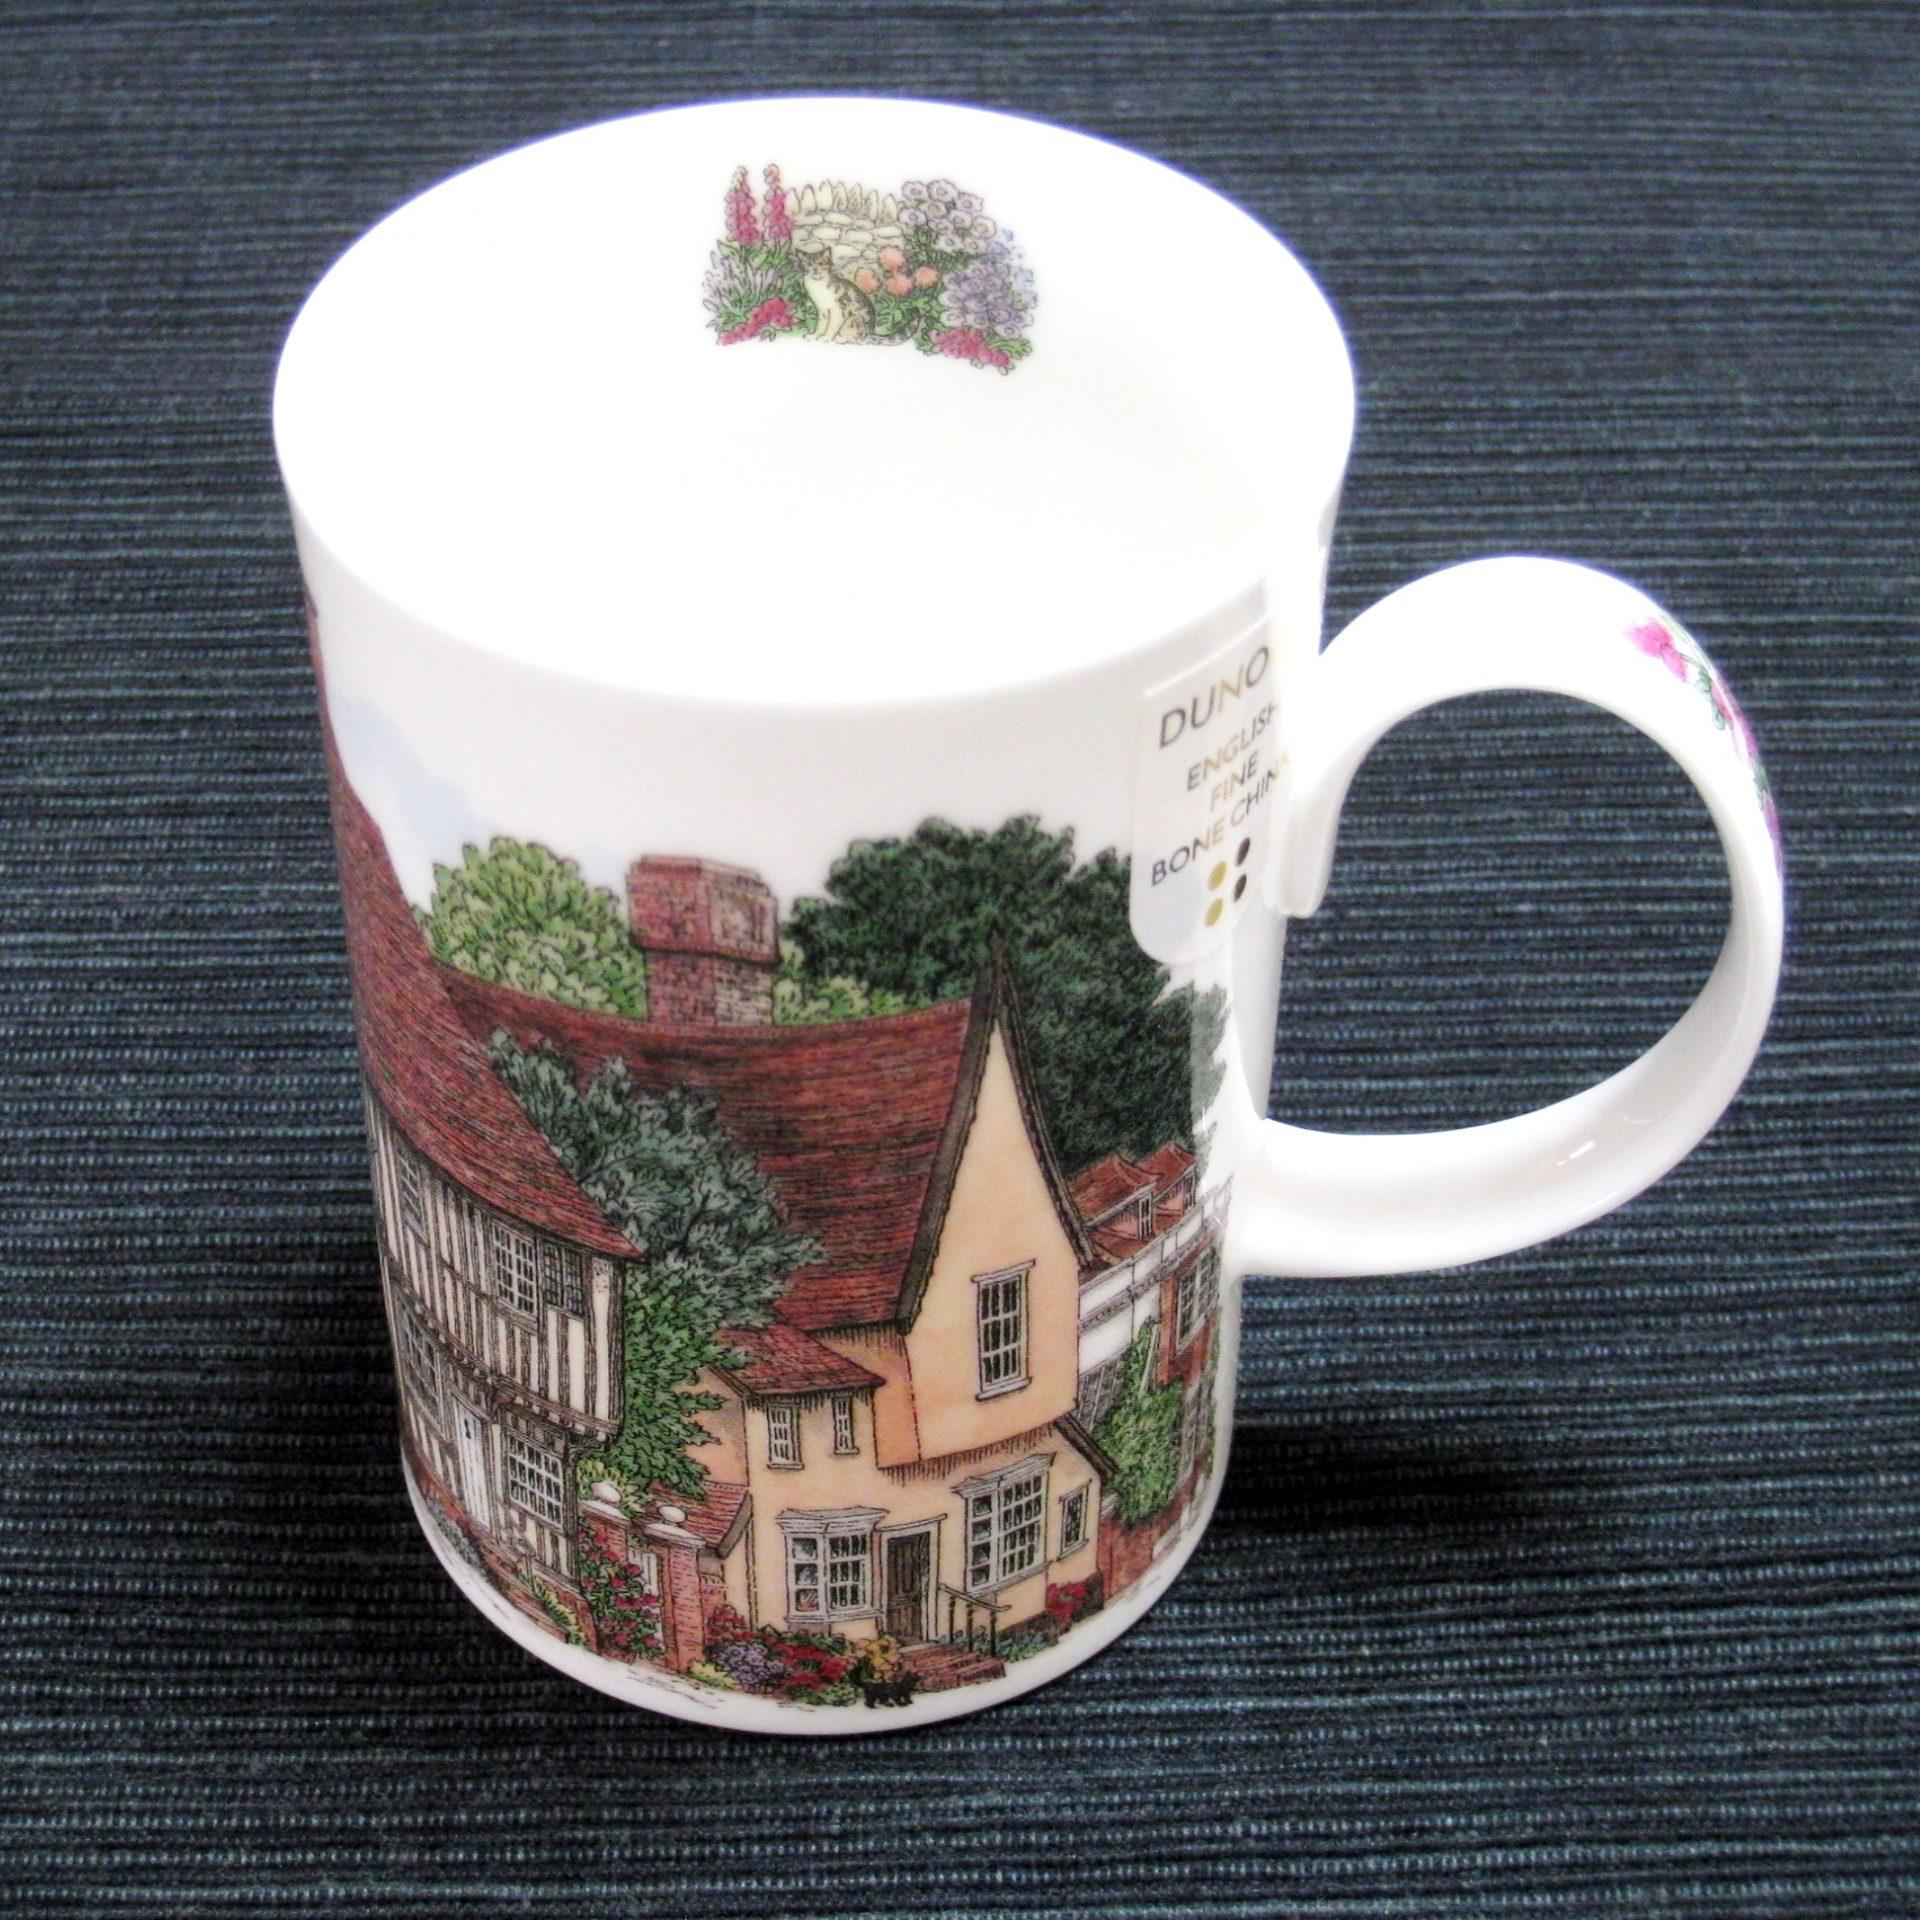 ダヌーン イングリッシュ ガーデン & ビレッジ マグカップ  Dunoon English Garden and Village Mug Cup